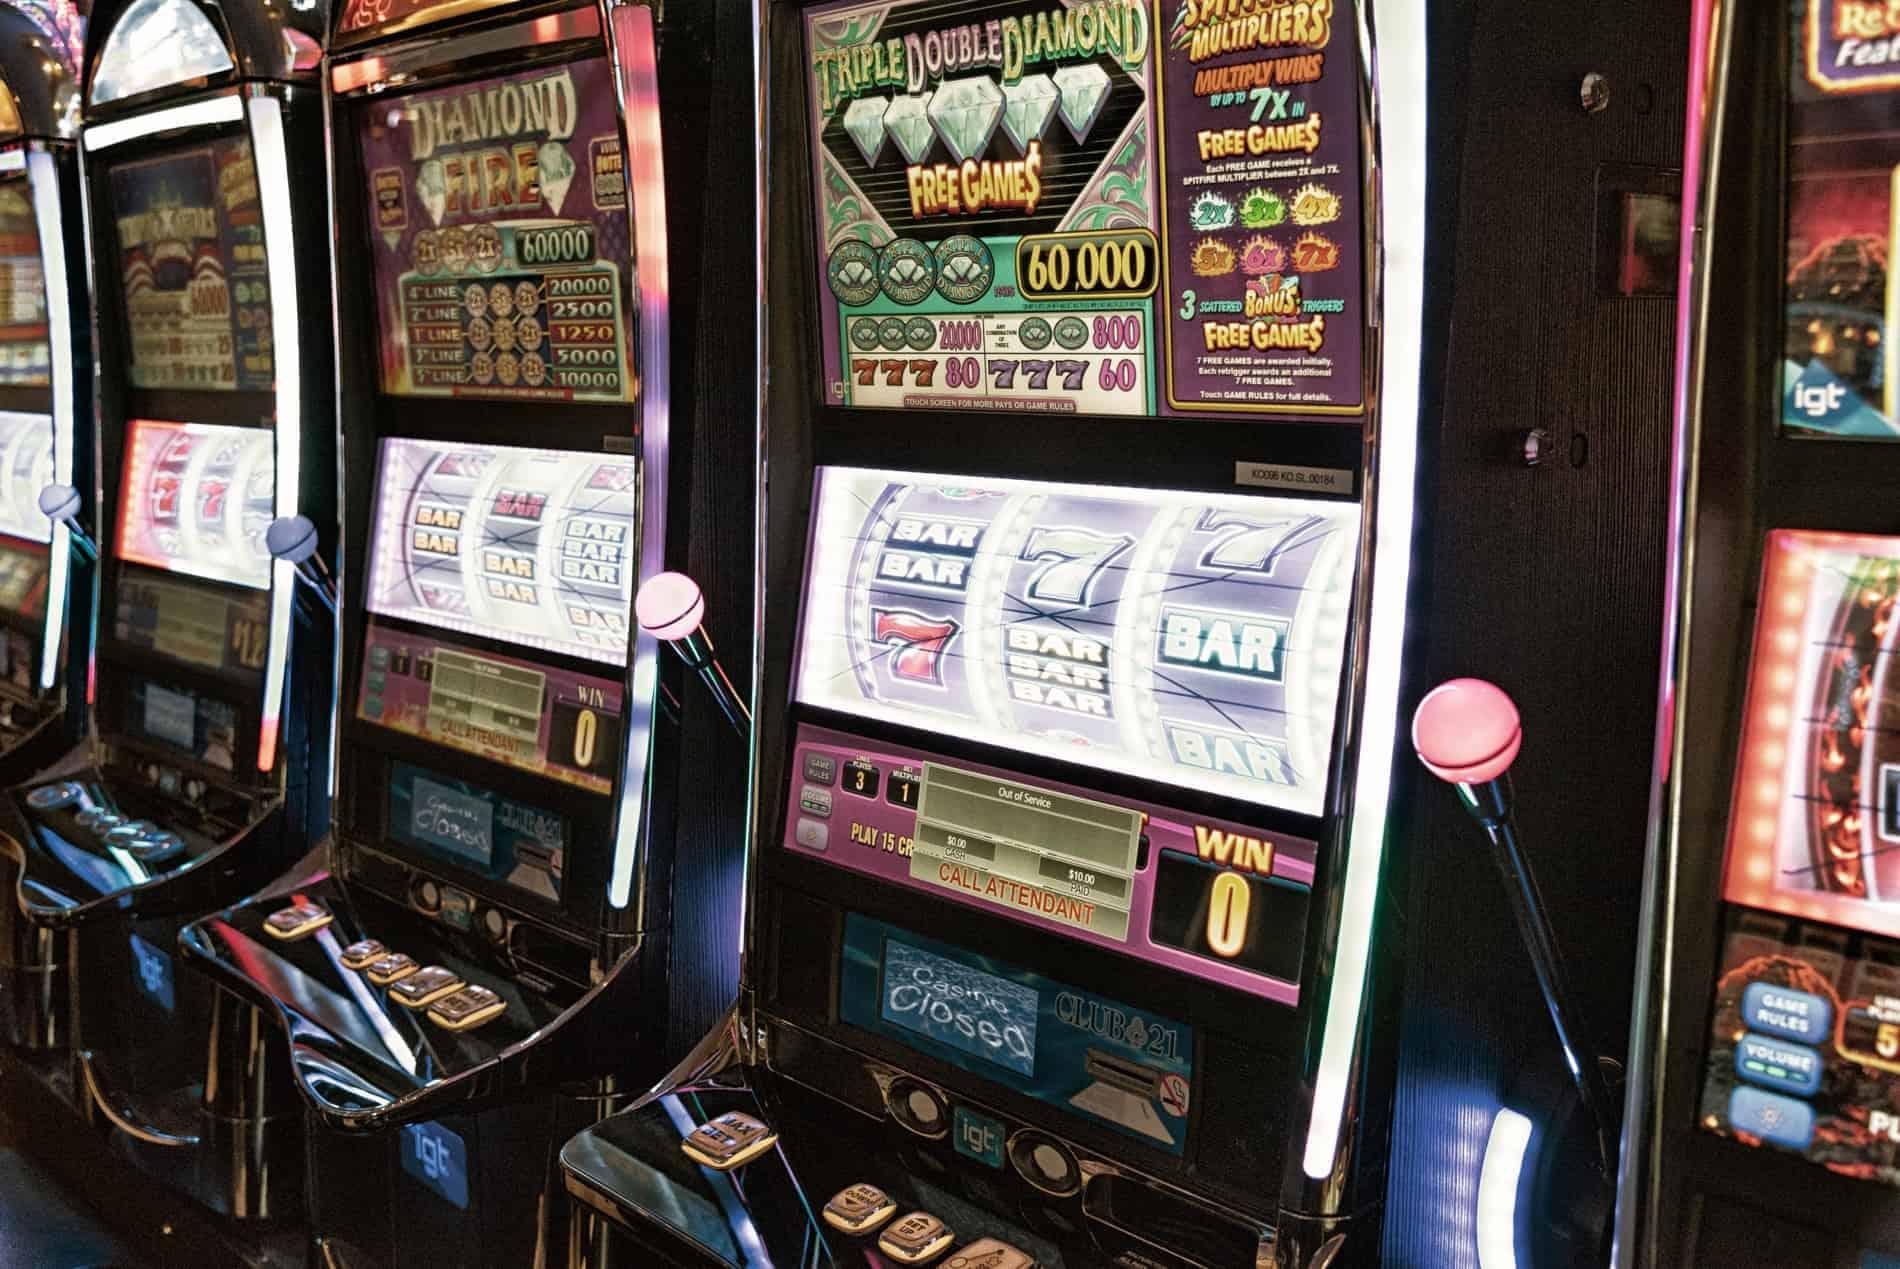 Wij leveren objectbewaking voor Casino's